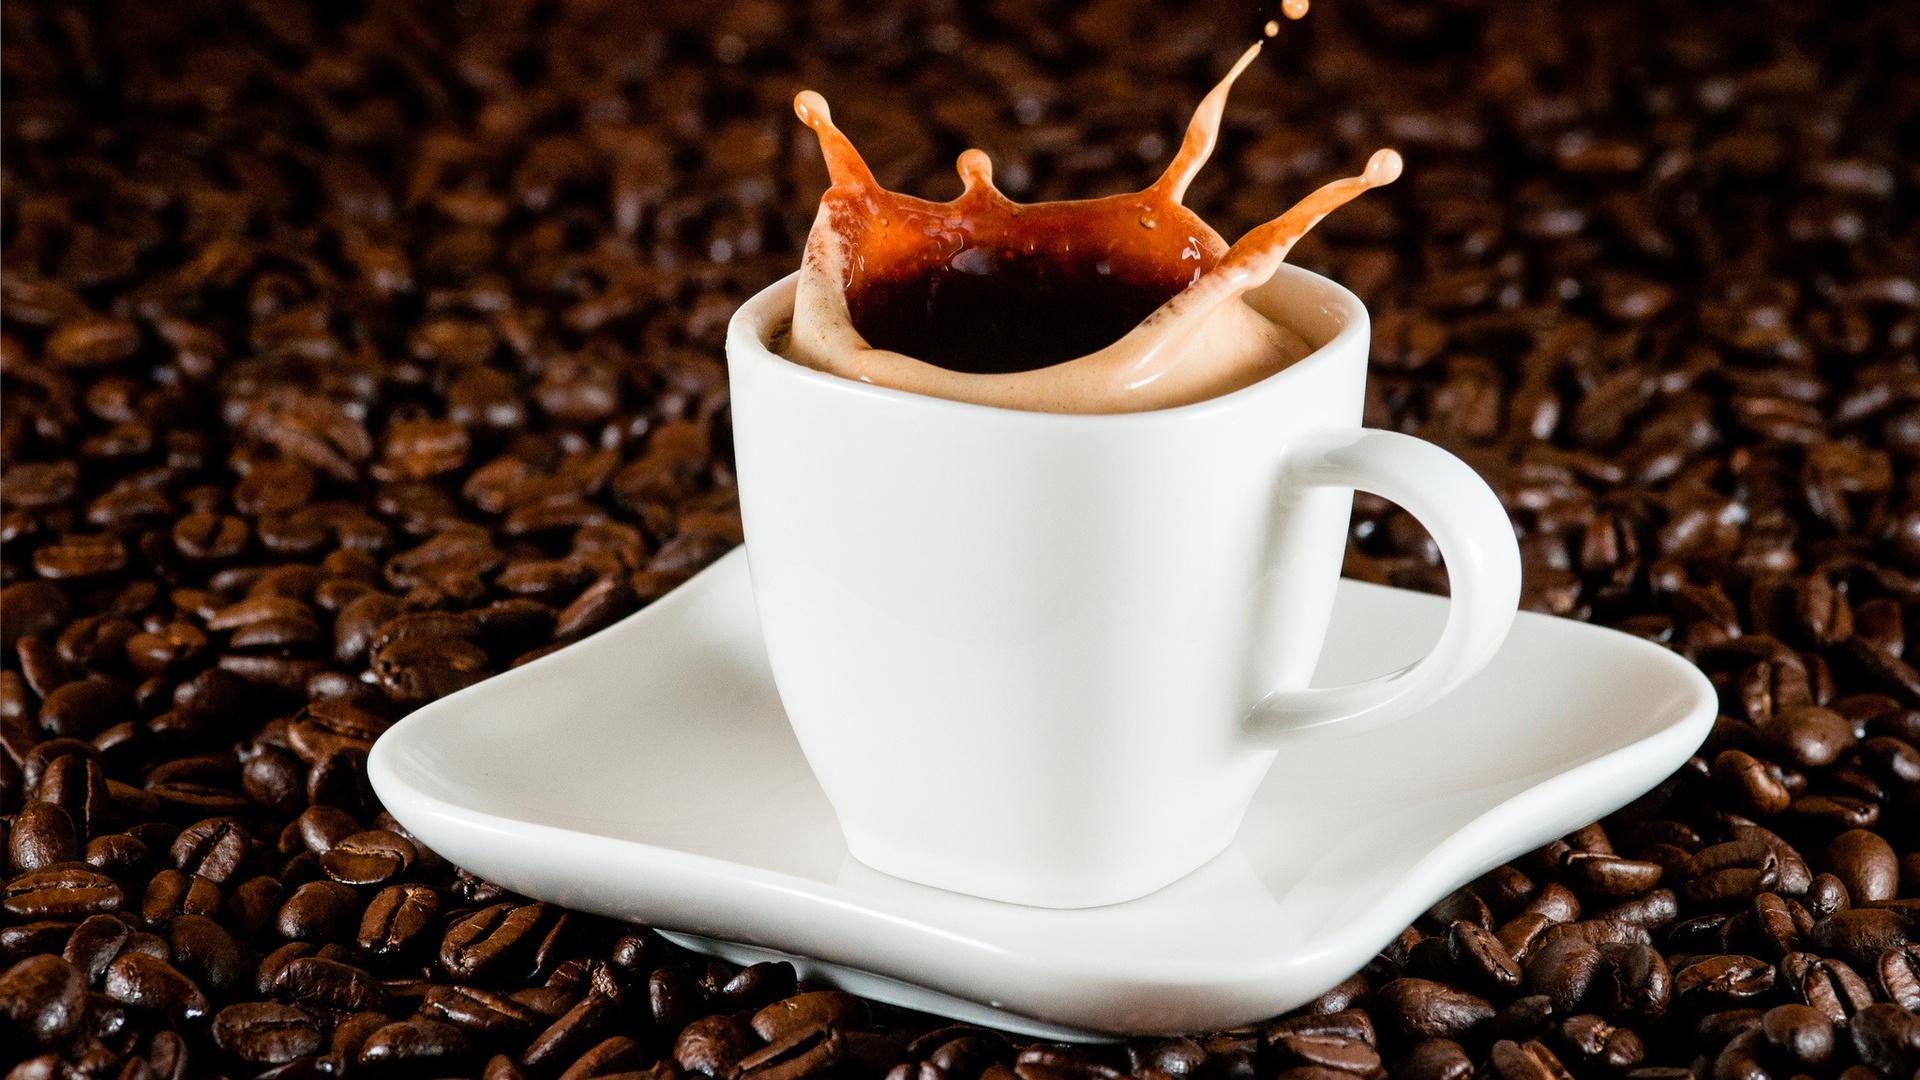 ссылке красивая картинка кофейной чашки всем